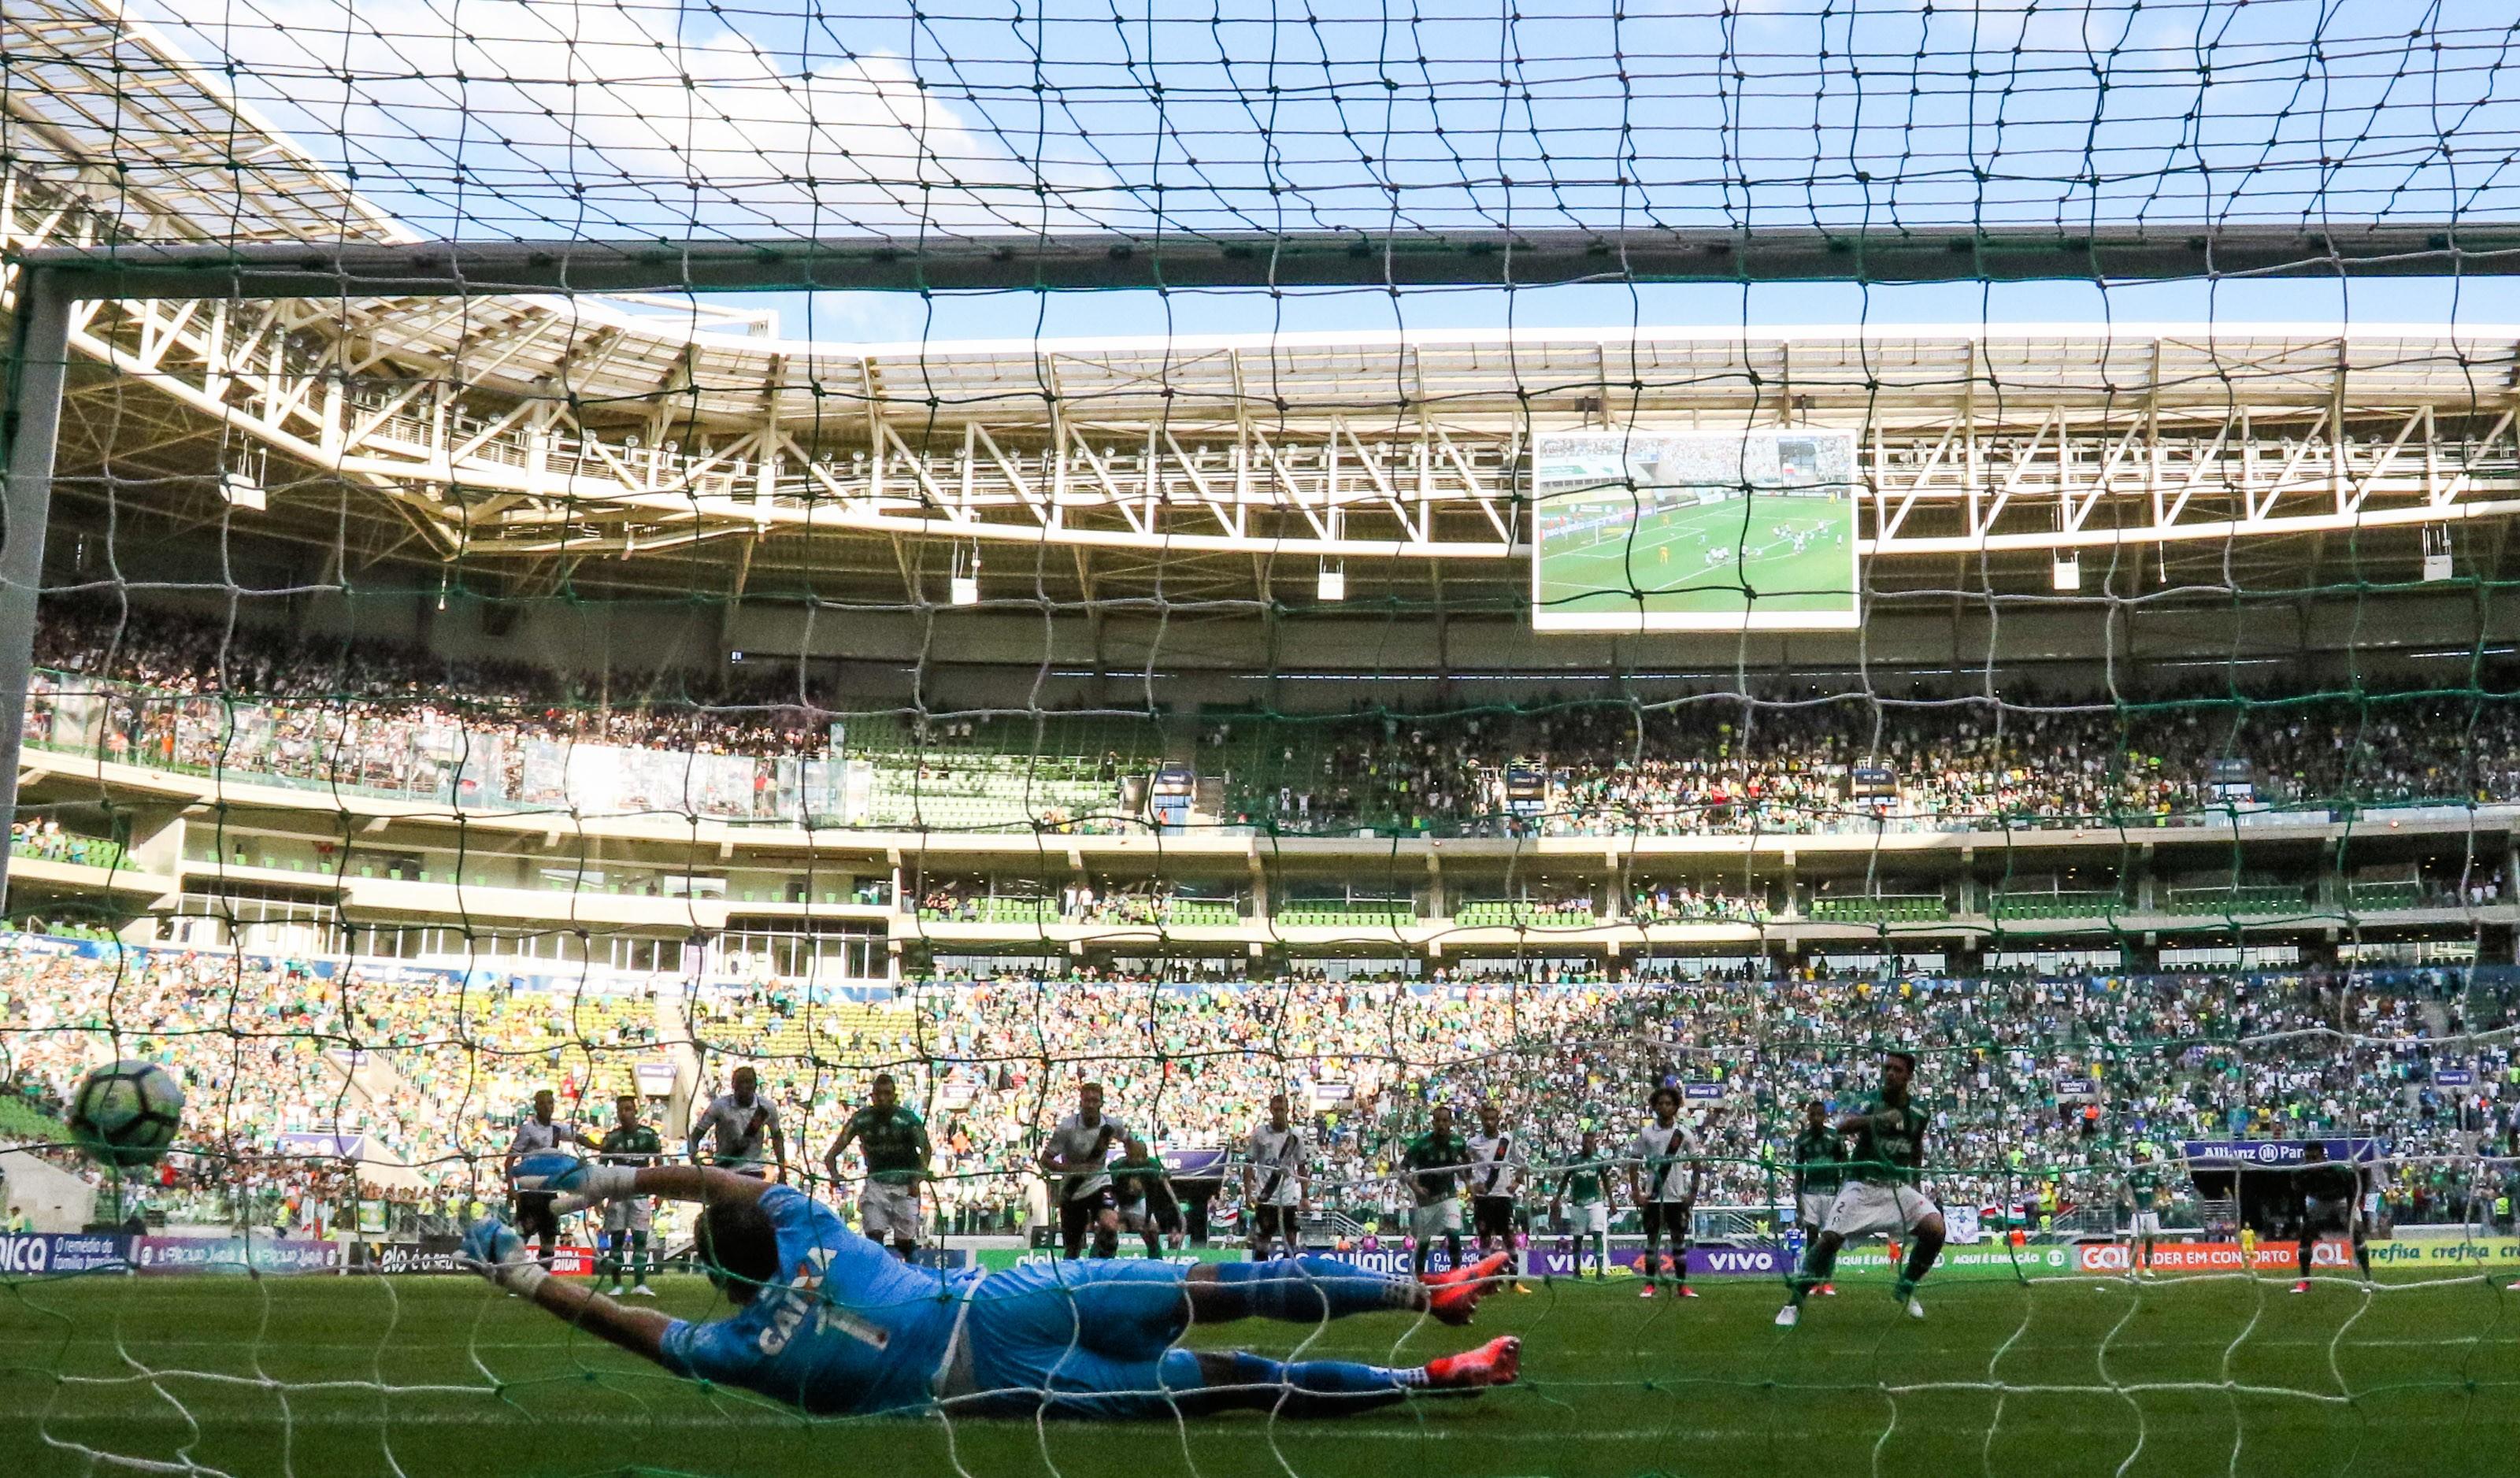 O primeiro gol do Palmeiras contra o Vasco na primeira rodada do Campeonato Brasileiro de 2017 (Foto: Getty Images/ Alexandre Schneider)